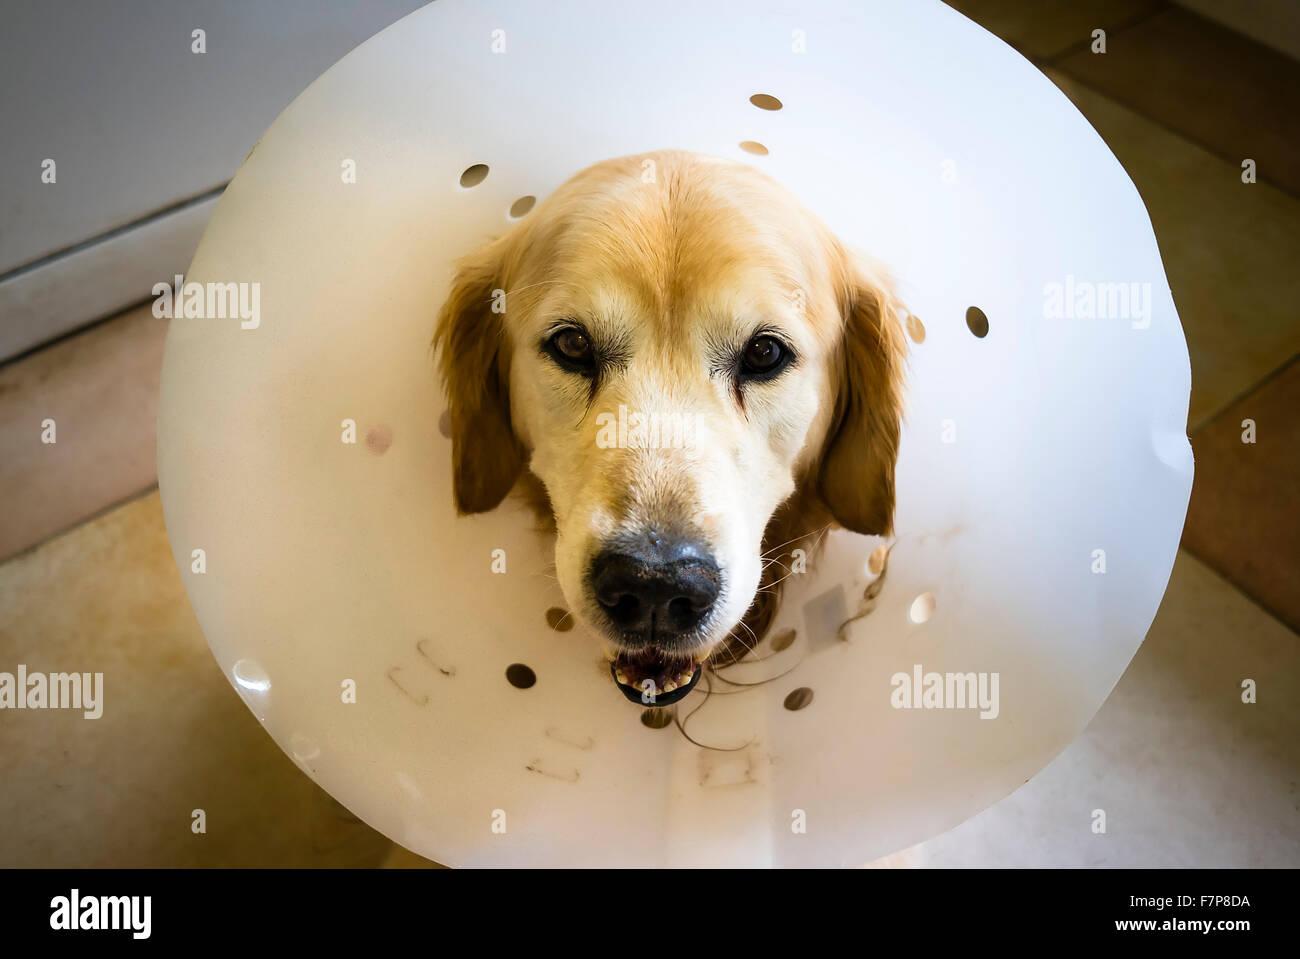 Recuperar oro perro vistiendo un gran collar para impedir el agravamiento de una operación quirúrgica Imagen De Stock